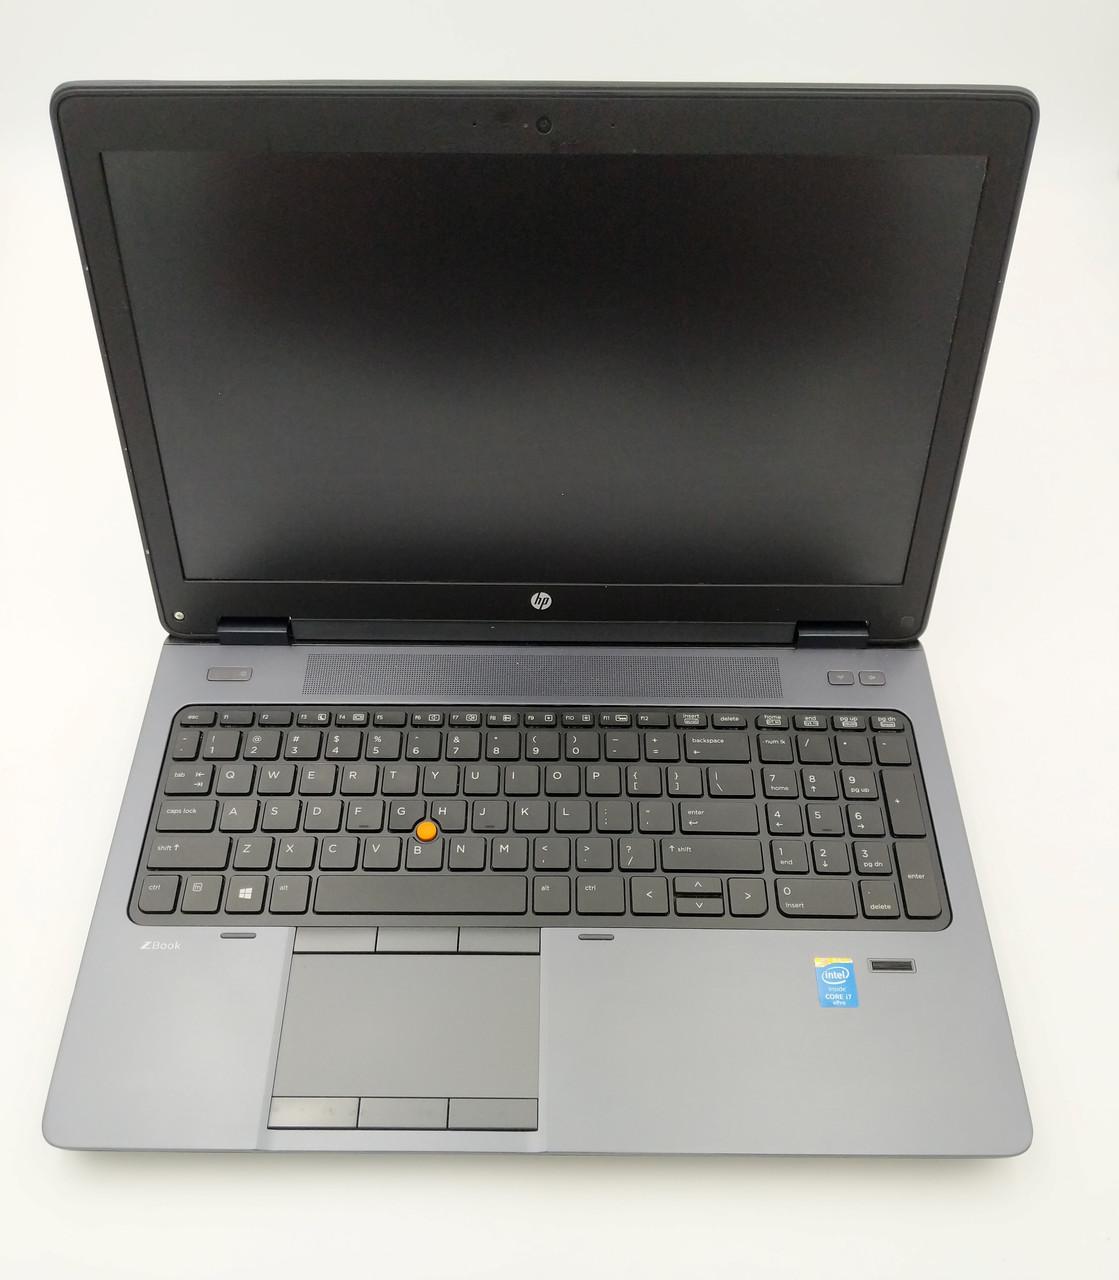 Б/У HP ZBOOK 15 G2 FHD IPS 15.6 I7-4800MQ/ 16 GB /SSD 128ГБ + HDD 750 Нет в наличии 3